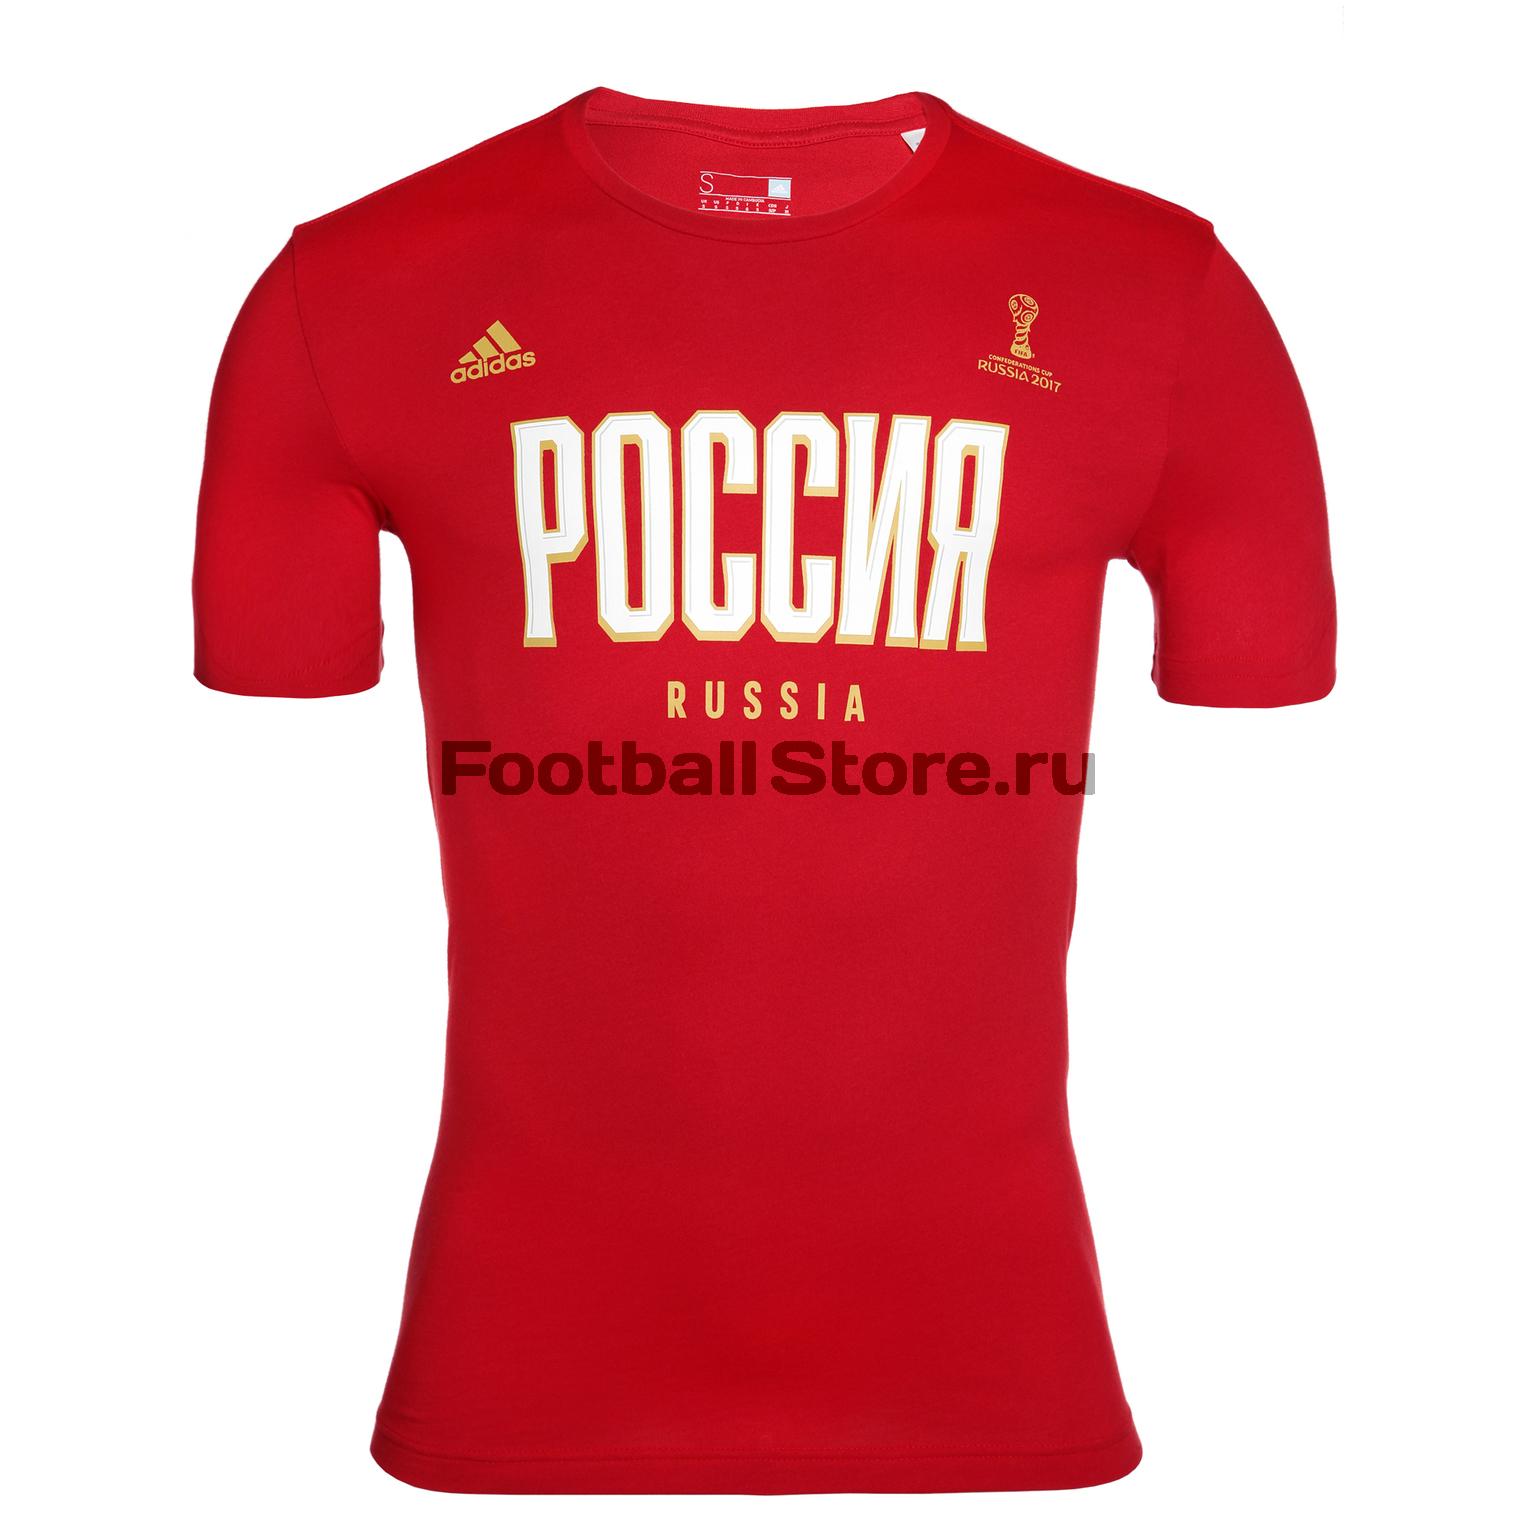 Футболка Adidas Russia BP7301 russia culinary guidebook